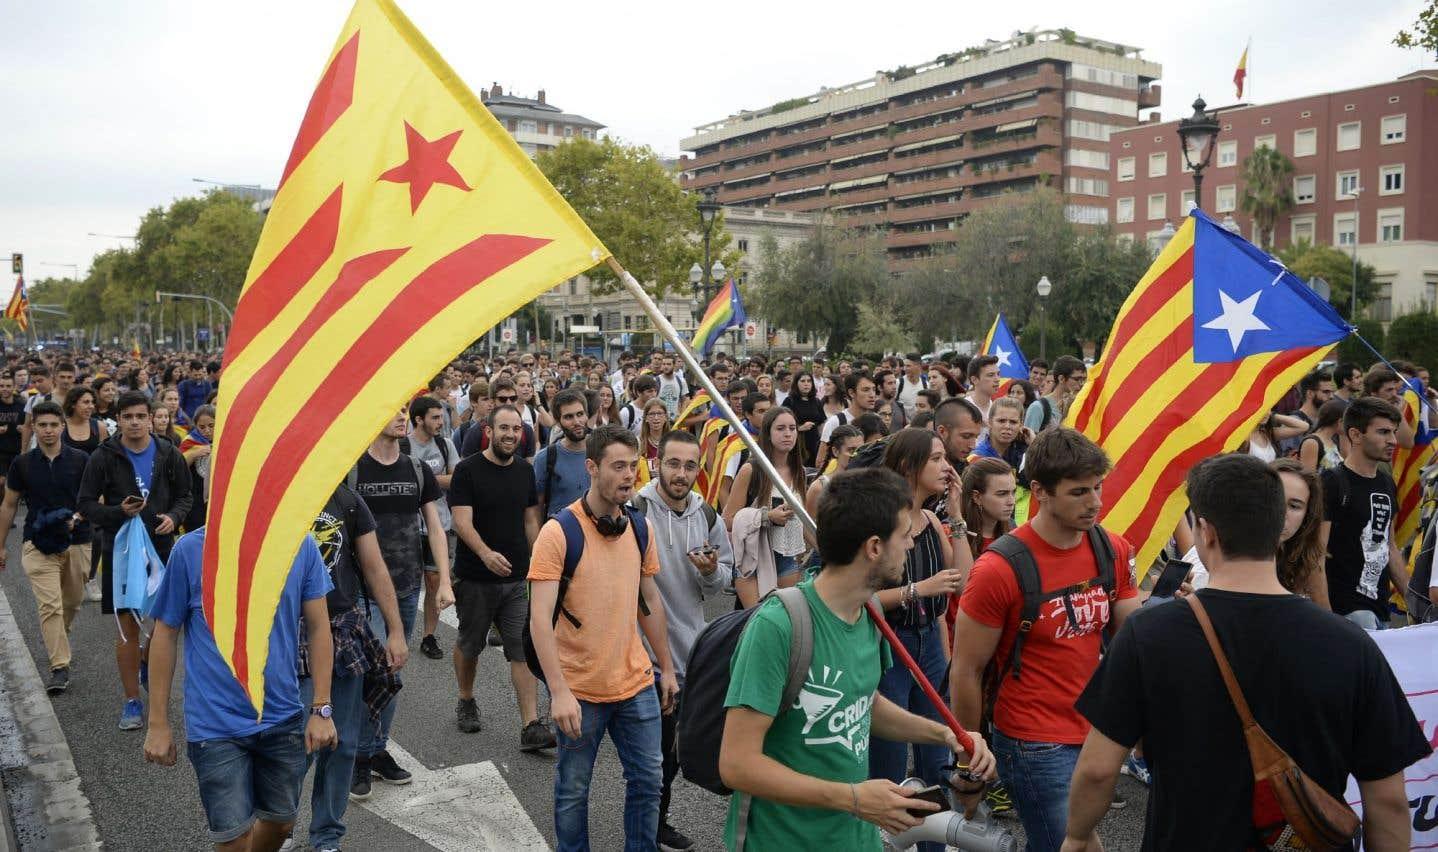 Des milliers de Catalans s'étaient déjà rassemblés devant la Cour d'appel à Barcelone, jeudi midi.